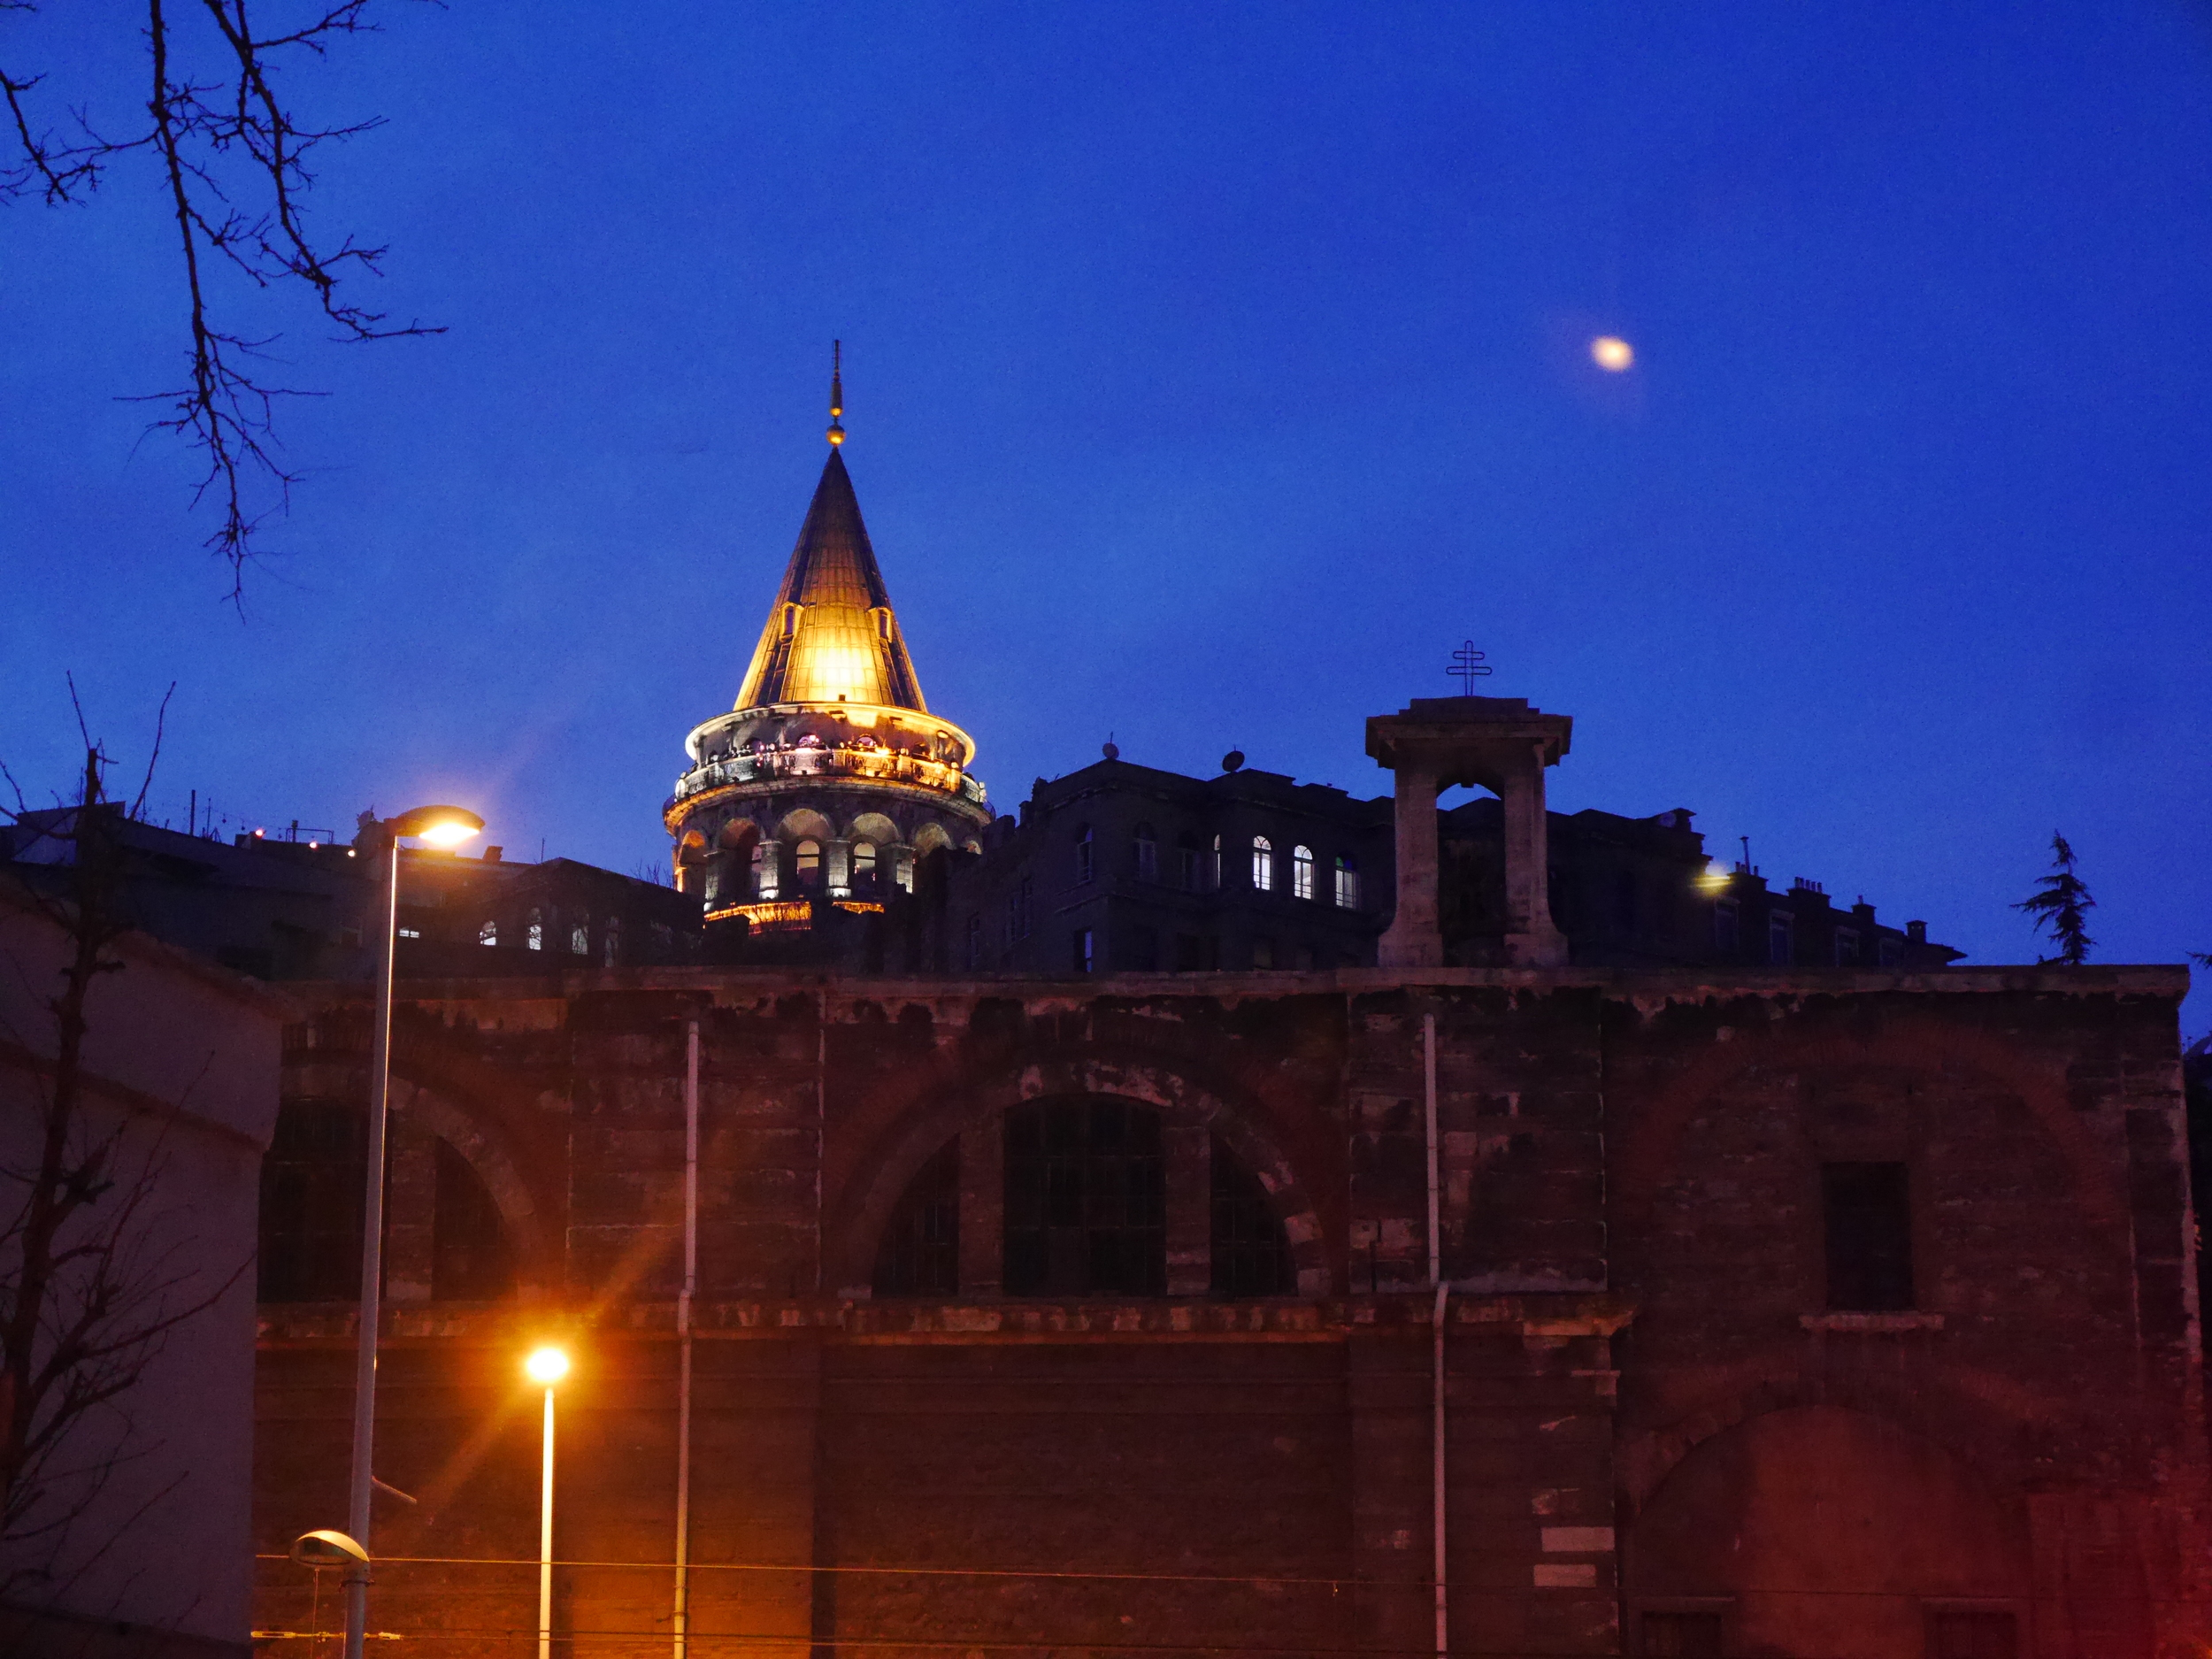 Galata Tower at night.